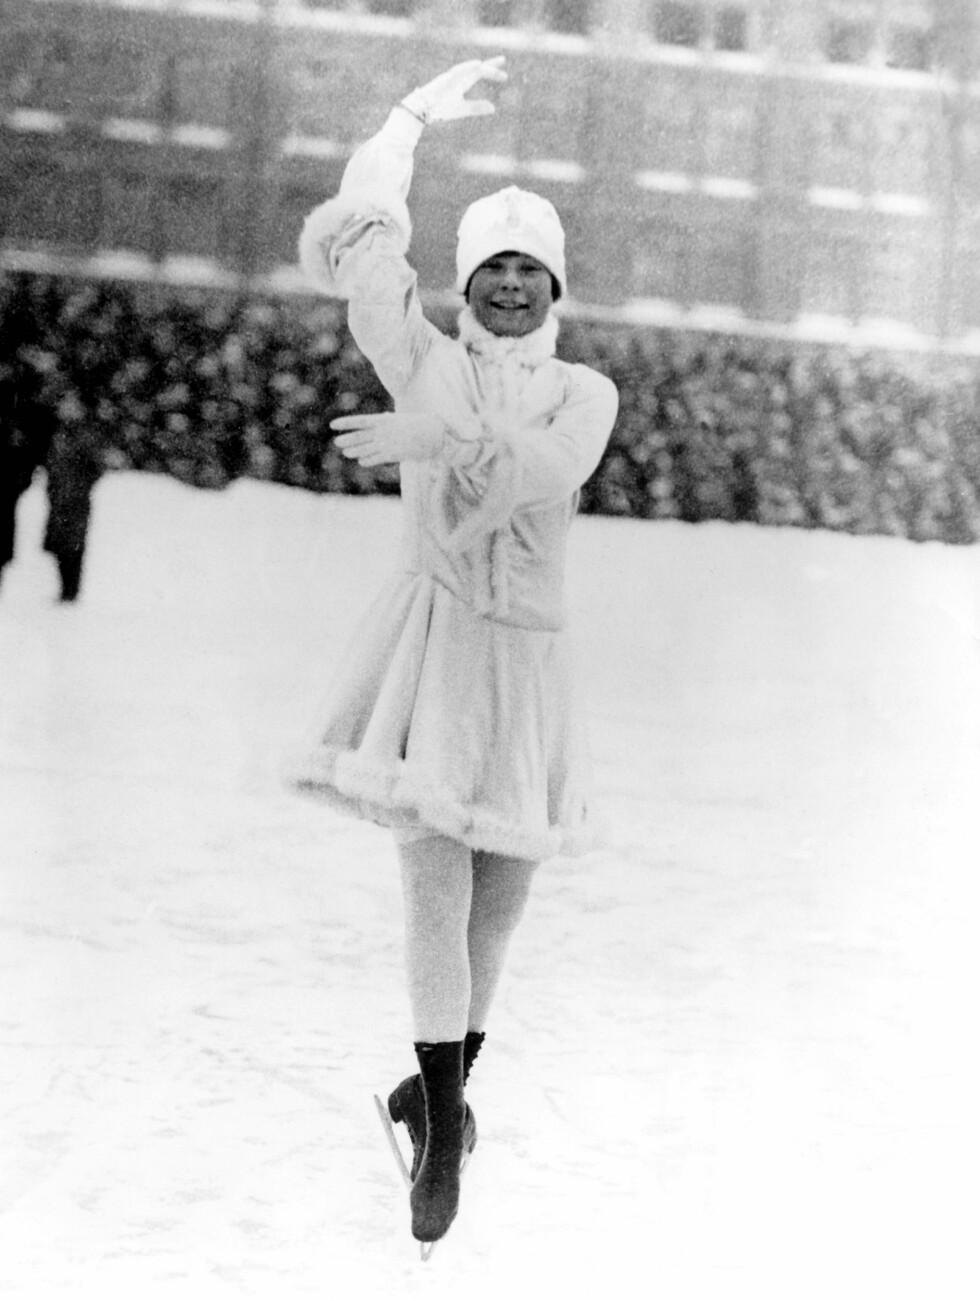 GJENNOMBRUDDET: Sonja debuterte 11 år gammel med OL-deltakelse i 1924, der hun endte sist. På hjemmebane i Oslo tok Sonja, nå 14 år gammel, sitt aller første VM-gull i 1927. Og det skulle bli flere; til sammen 10 verdensmesterskap på rad fra 1927-36 og seks europamesterskap mellom 1931-36, i tillegg til de 3 OL-gullene. Dette gjør henne til historiens mestvinnende kvinnelige kunstløper. Foto: NTB scanpix